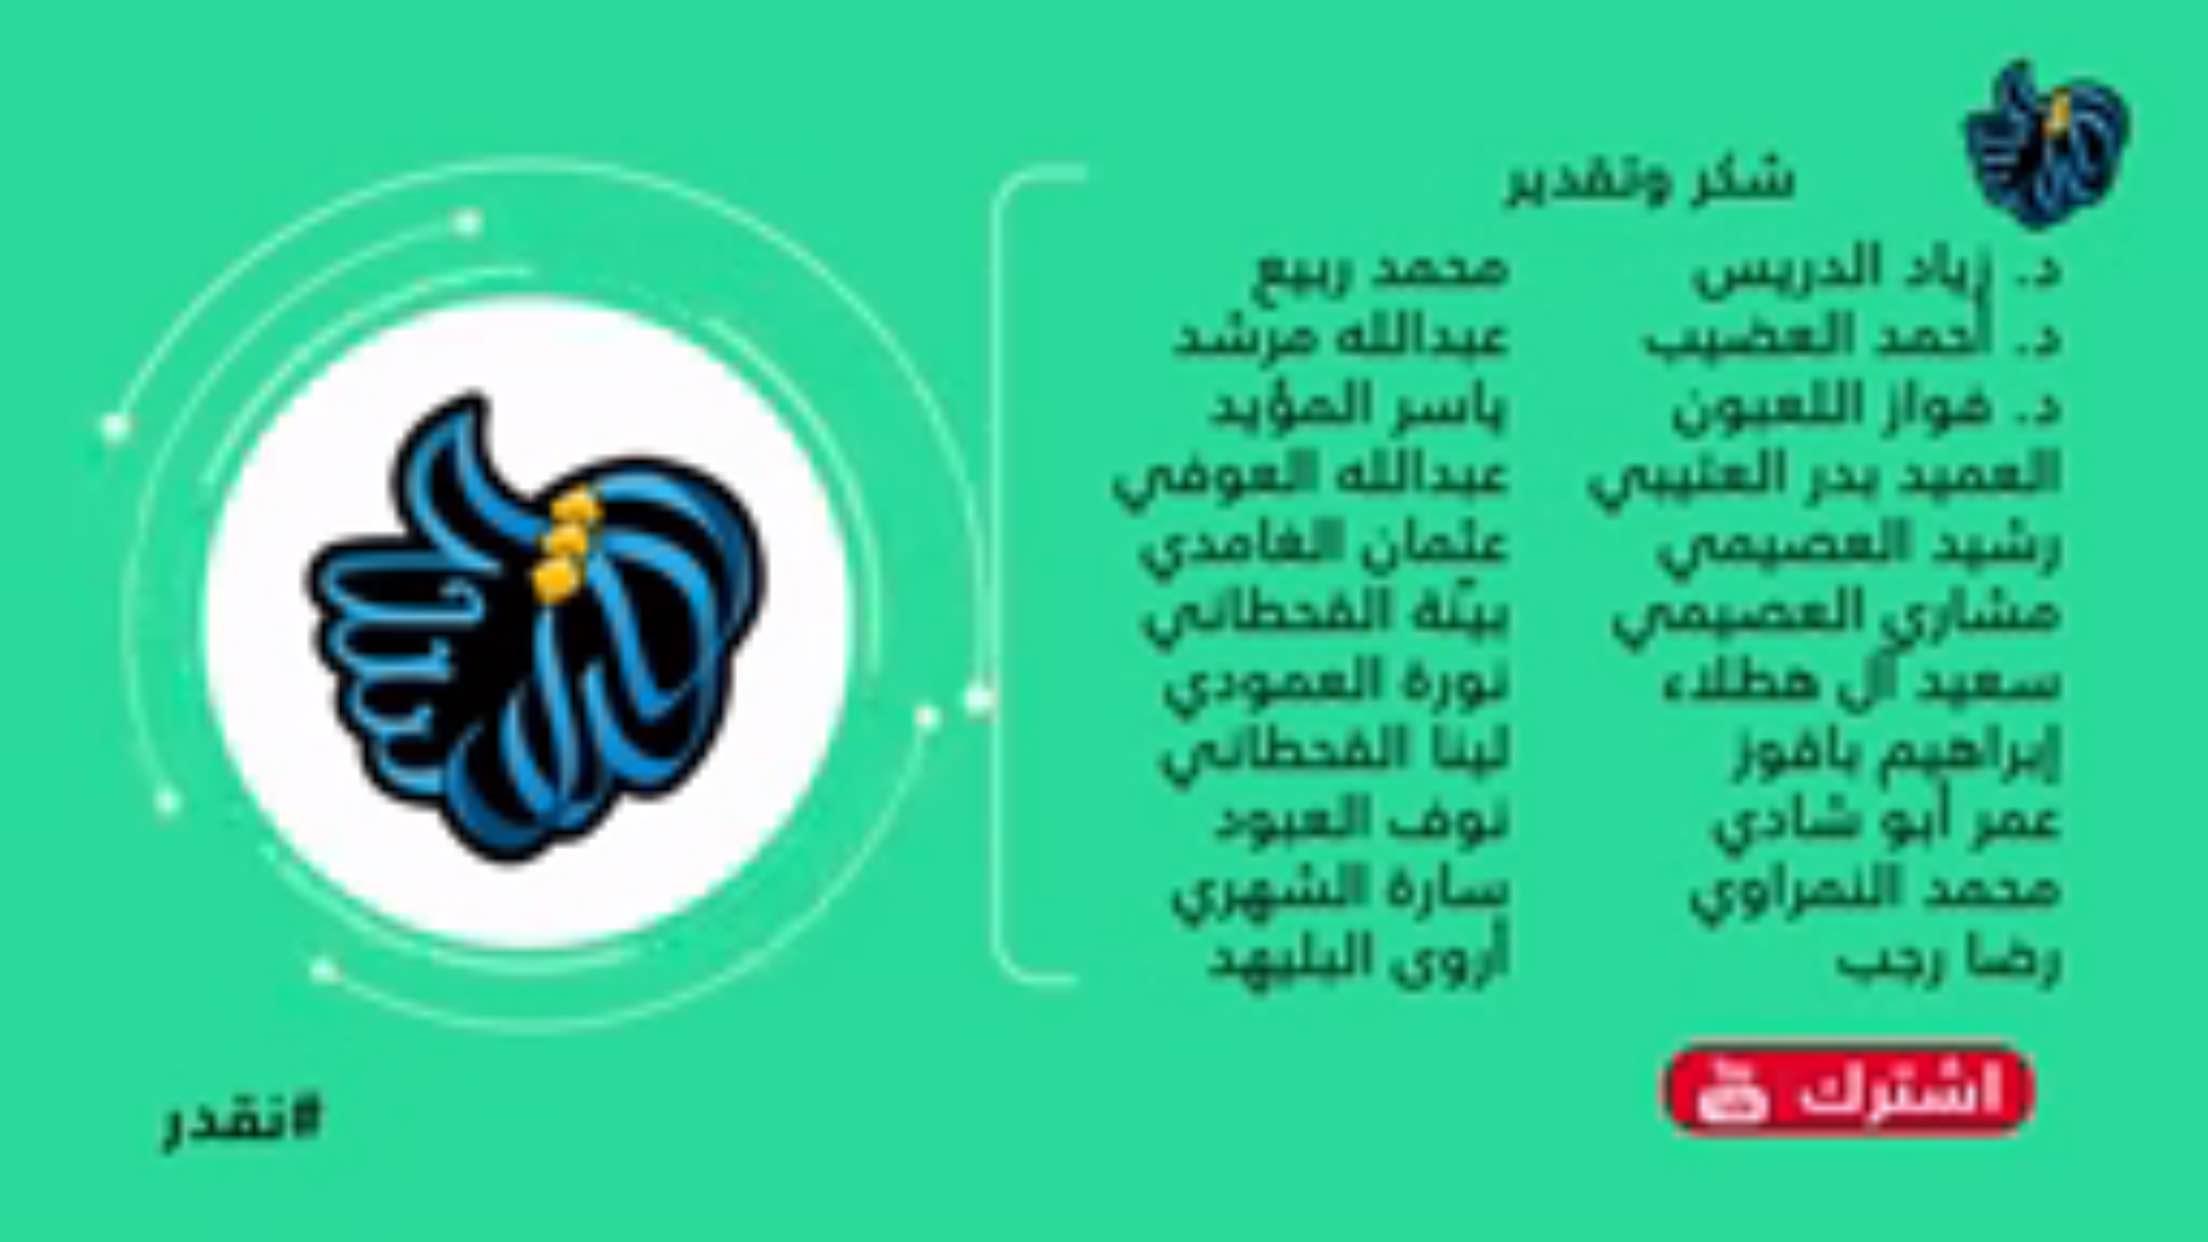 تناقص استخدام المحتوى باللغة العربية في الأنترنت (1)